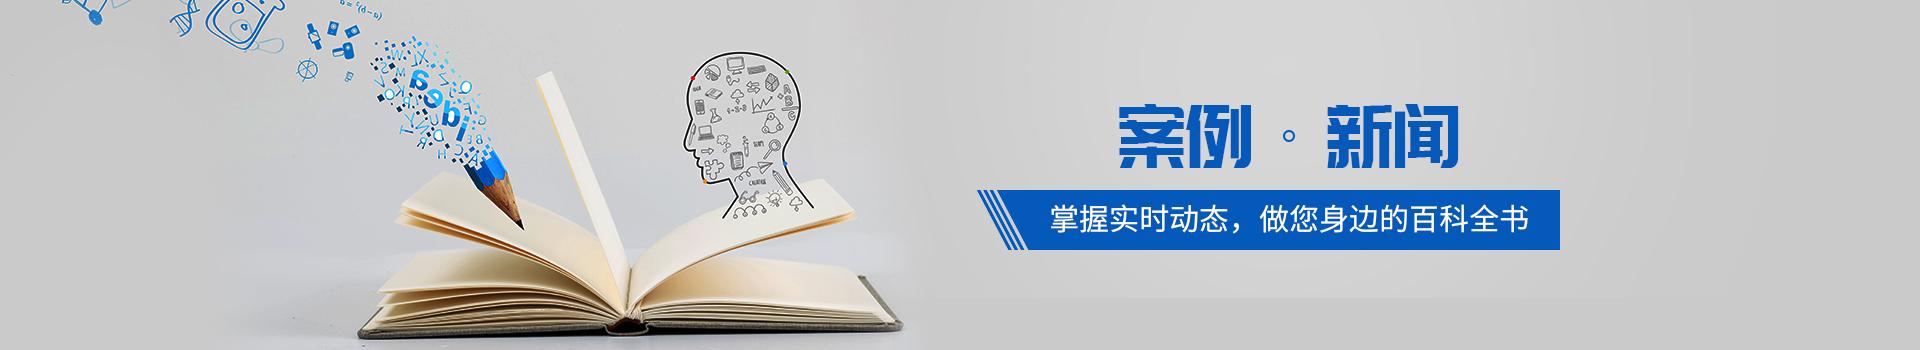 悦川机器人-掌握实时动态,做您身边的百科全书